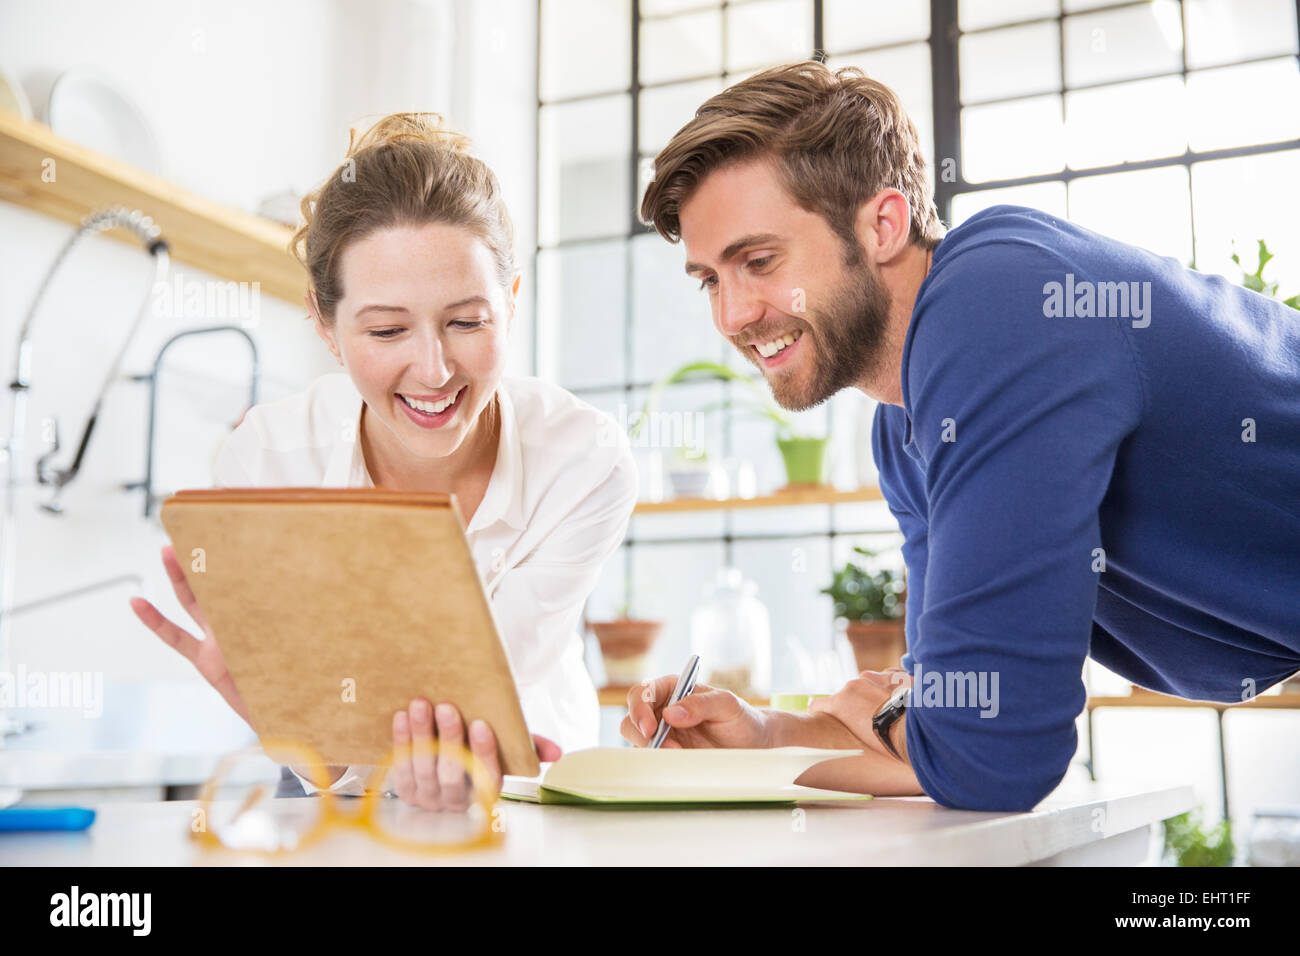 Zwei Jugendliche auf der Suche auf Dokumente in der heimischen Küche Stockbild